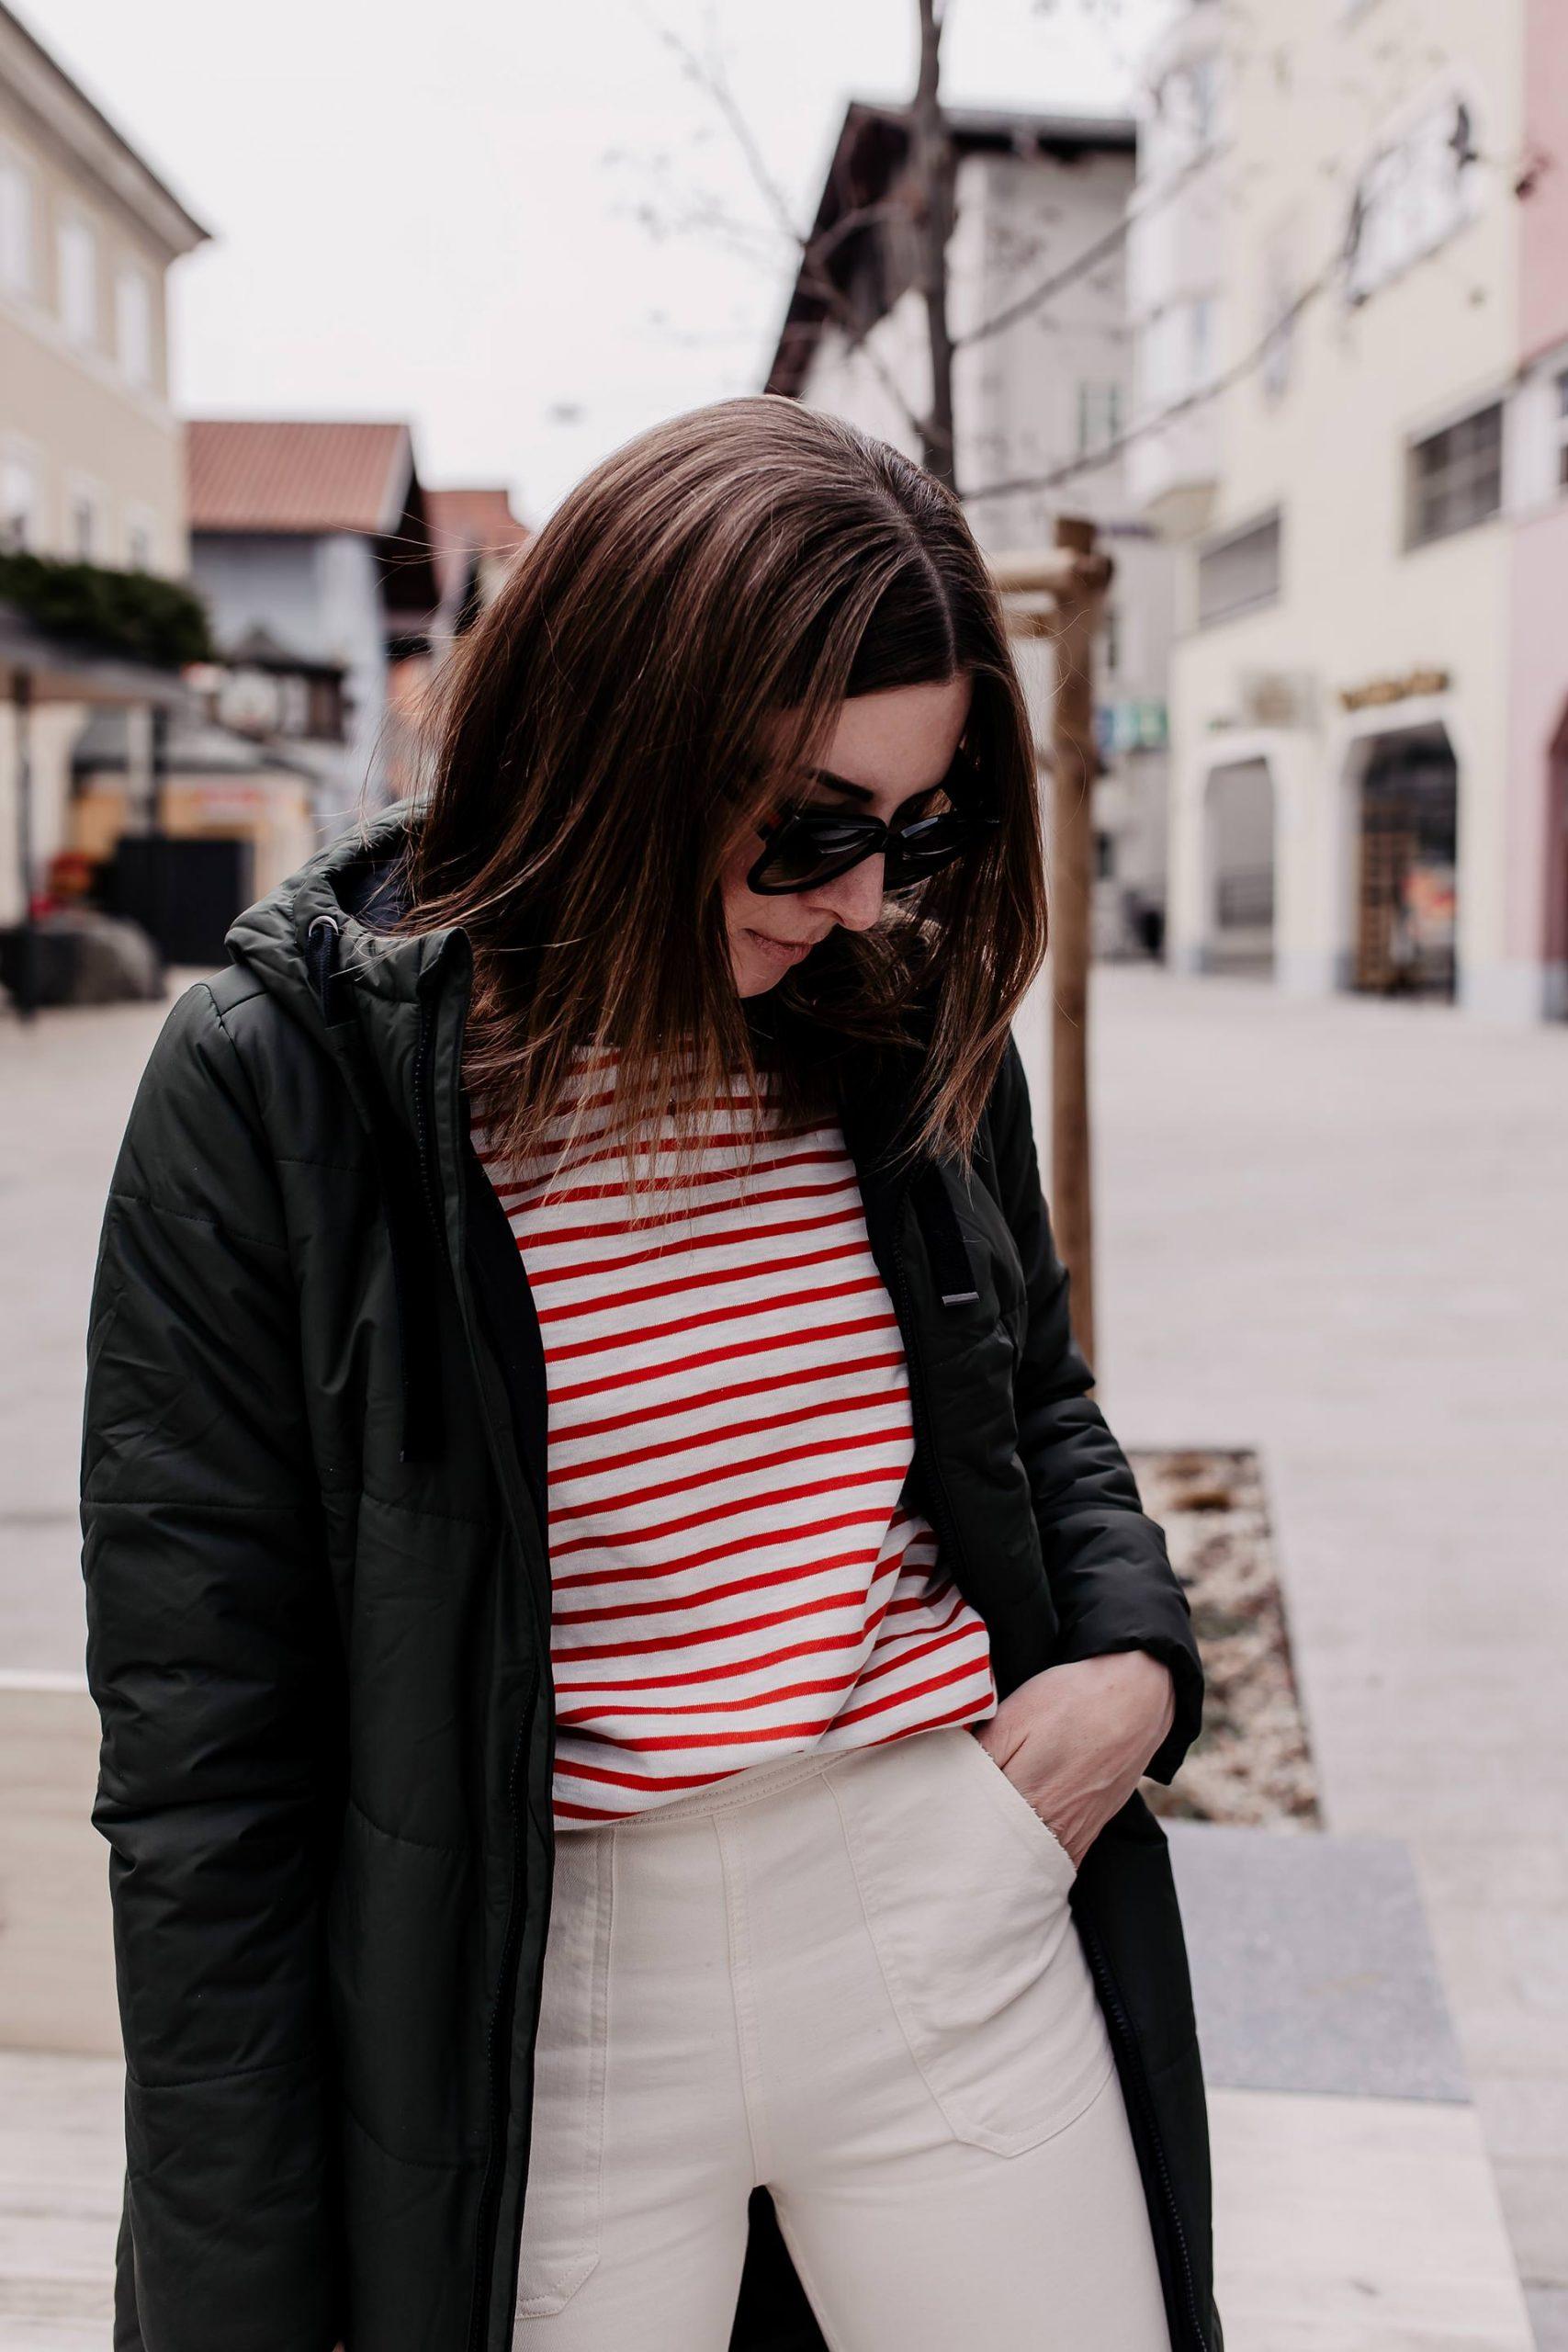 Lust auf ein nachhaltiges Outfit mit schönen Lieblingsteilen? Dabei mixe ich zwischen Kleidungsstücken von nachhaltigen Brands und Teilen, die ich Secondhand geshoppt habe. www.whoismocca.com